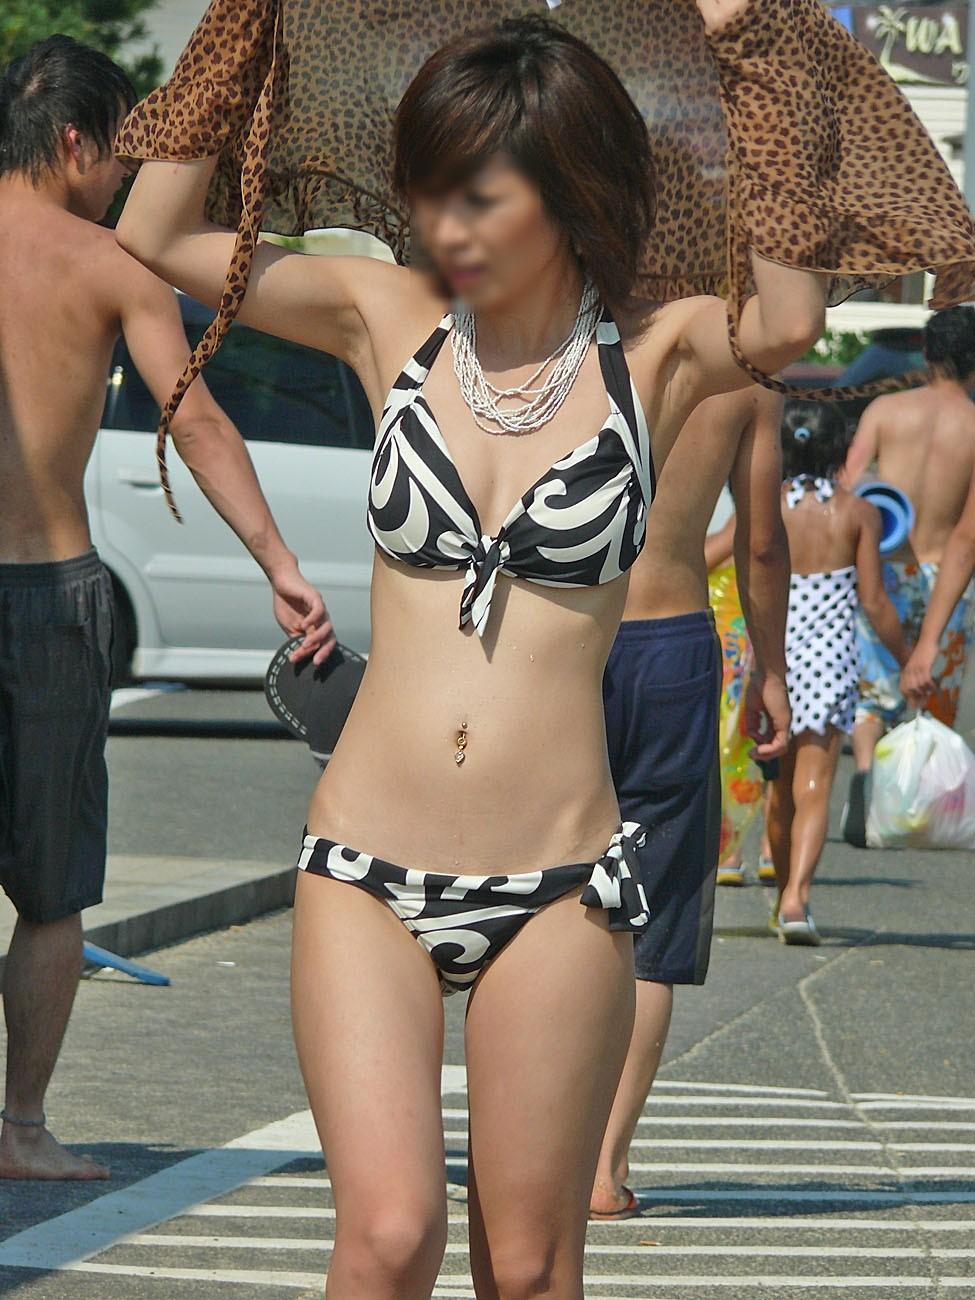 モデル体型の激カワ女性の水着姿に惚れる!